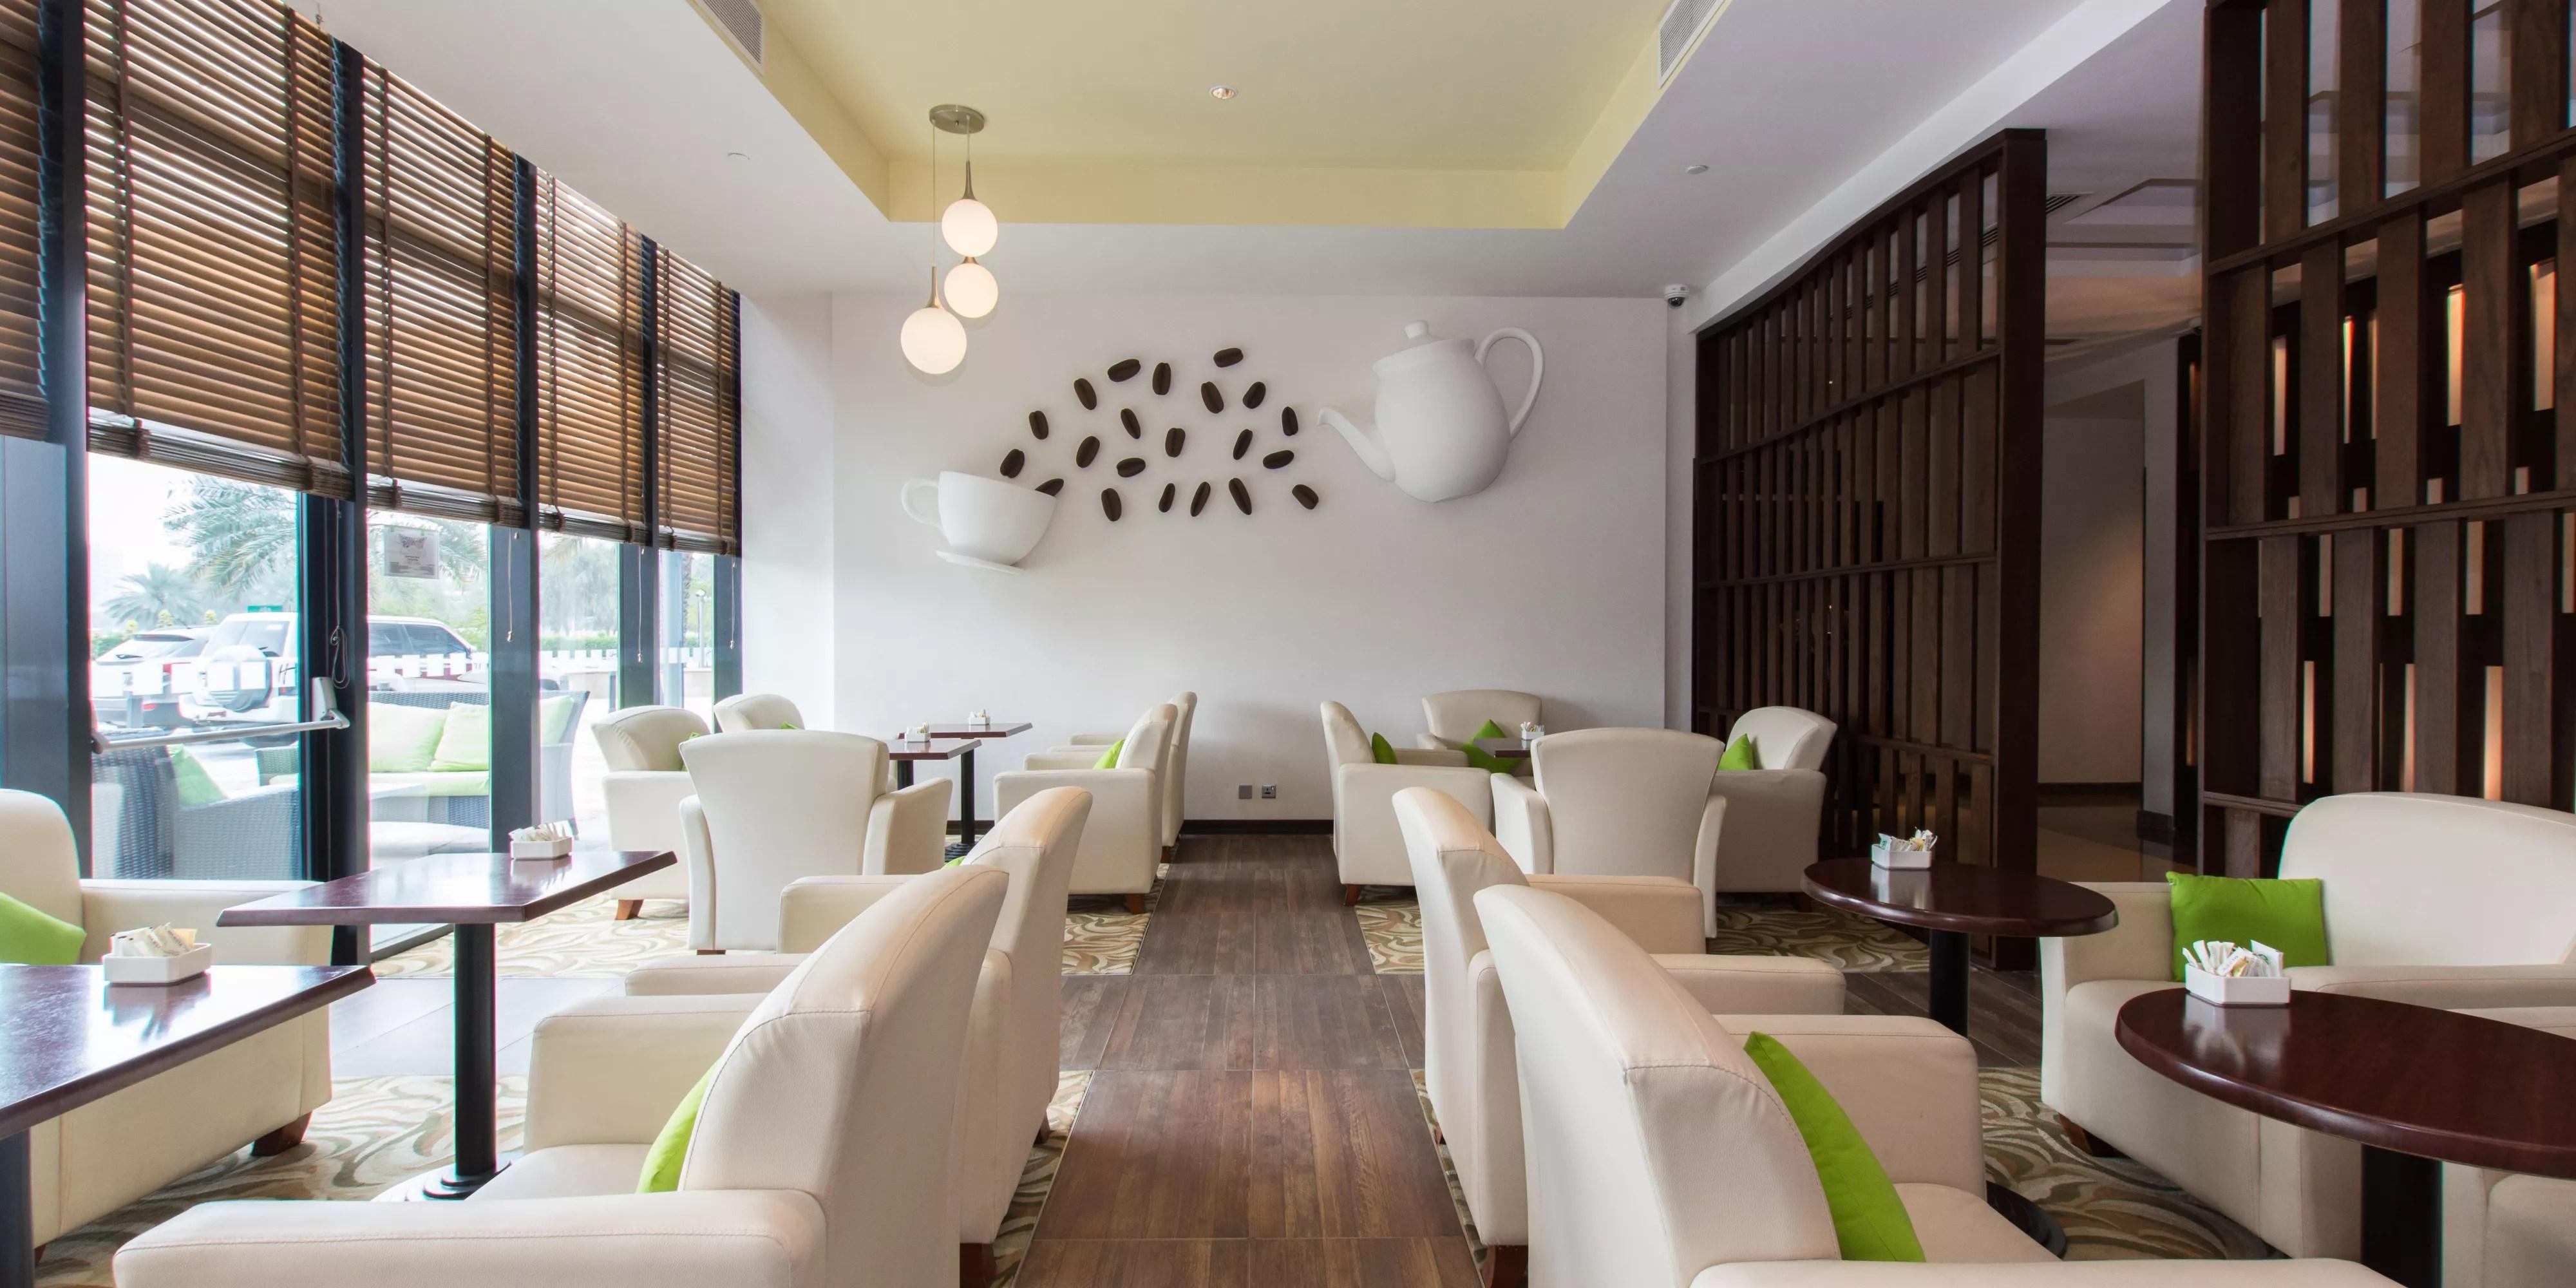 living room restaurant abu dhabi best sectional sofa for small restaurants near holiday inn